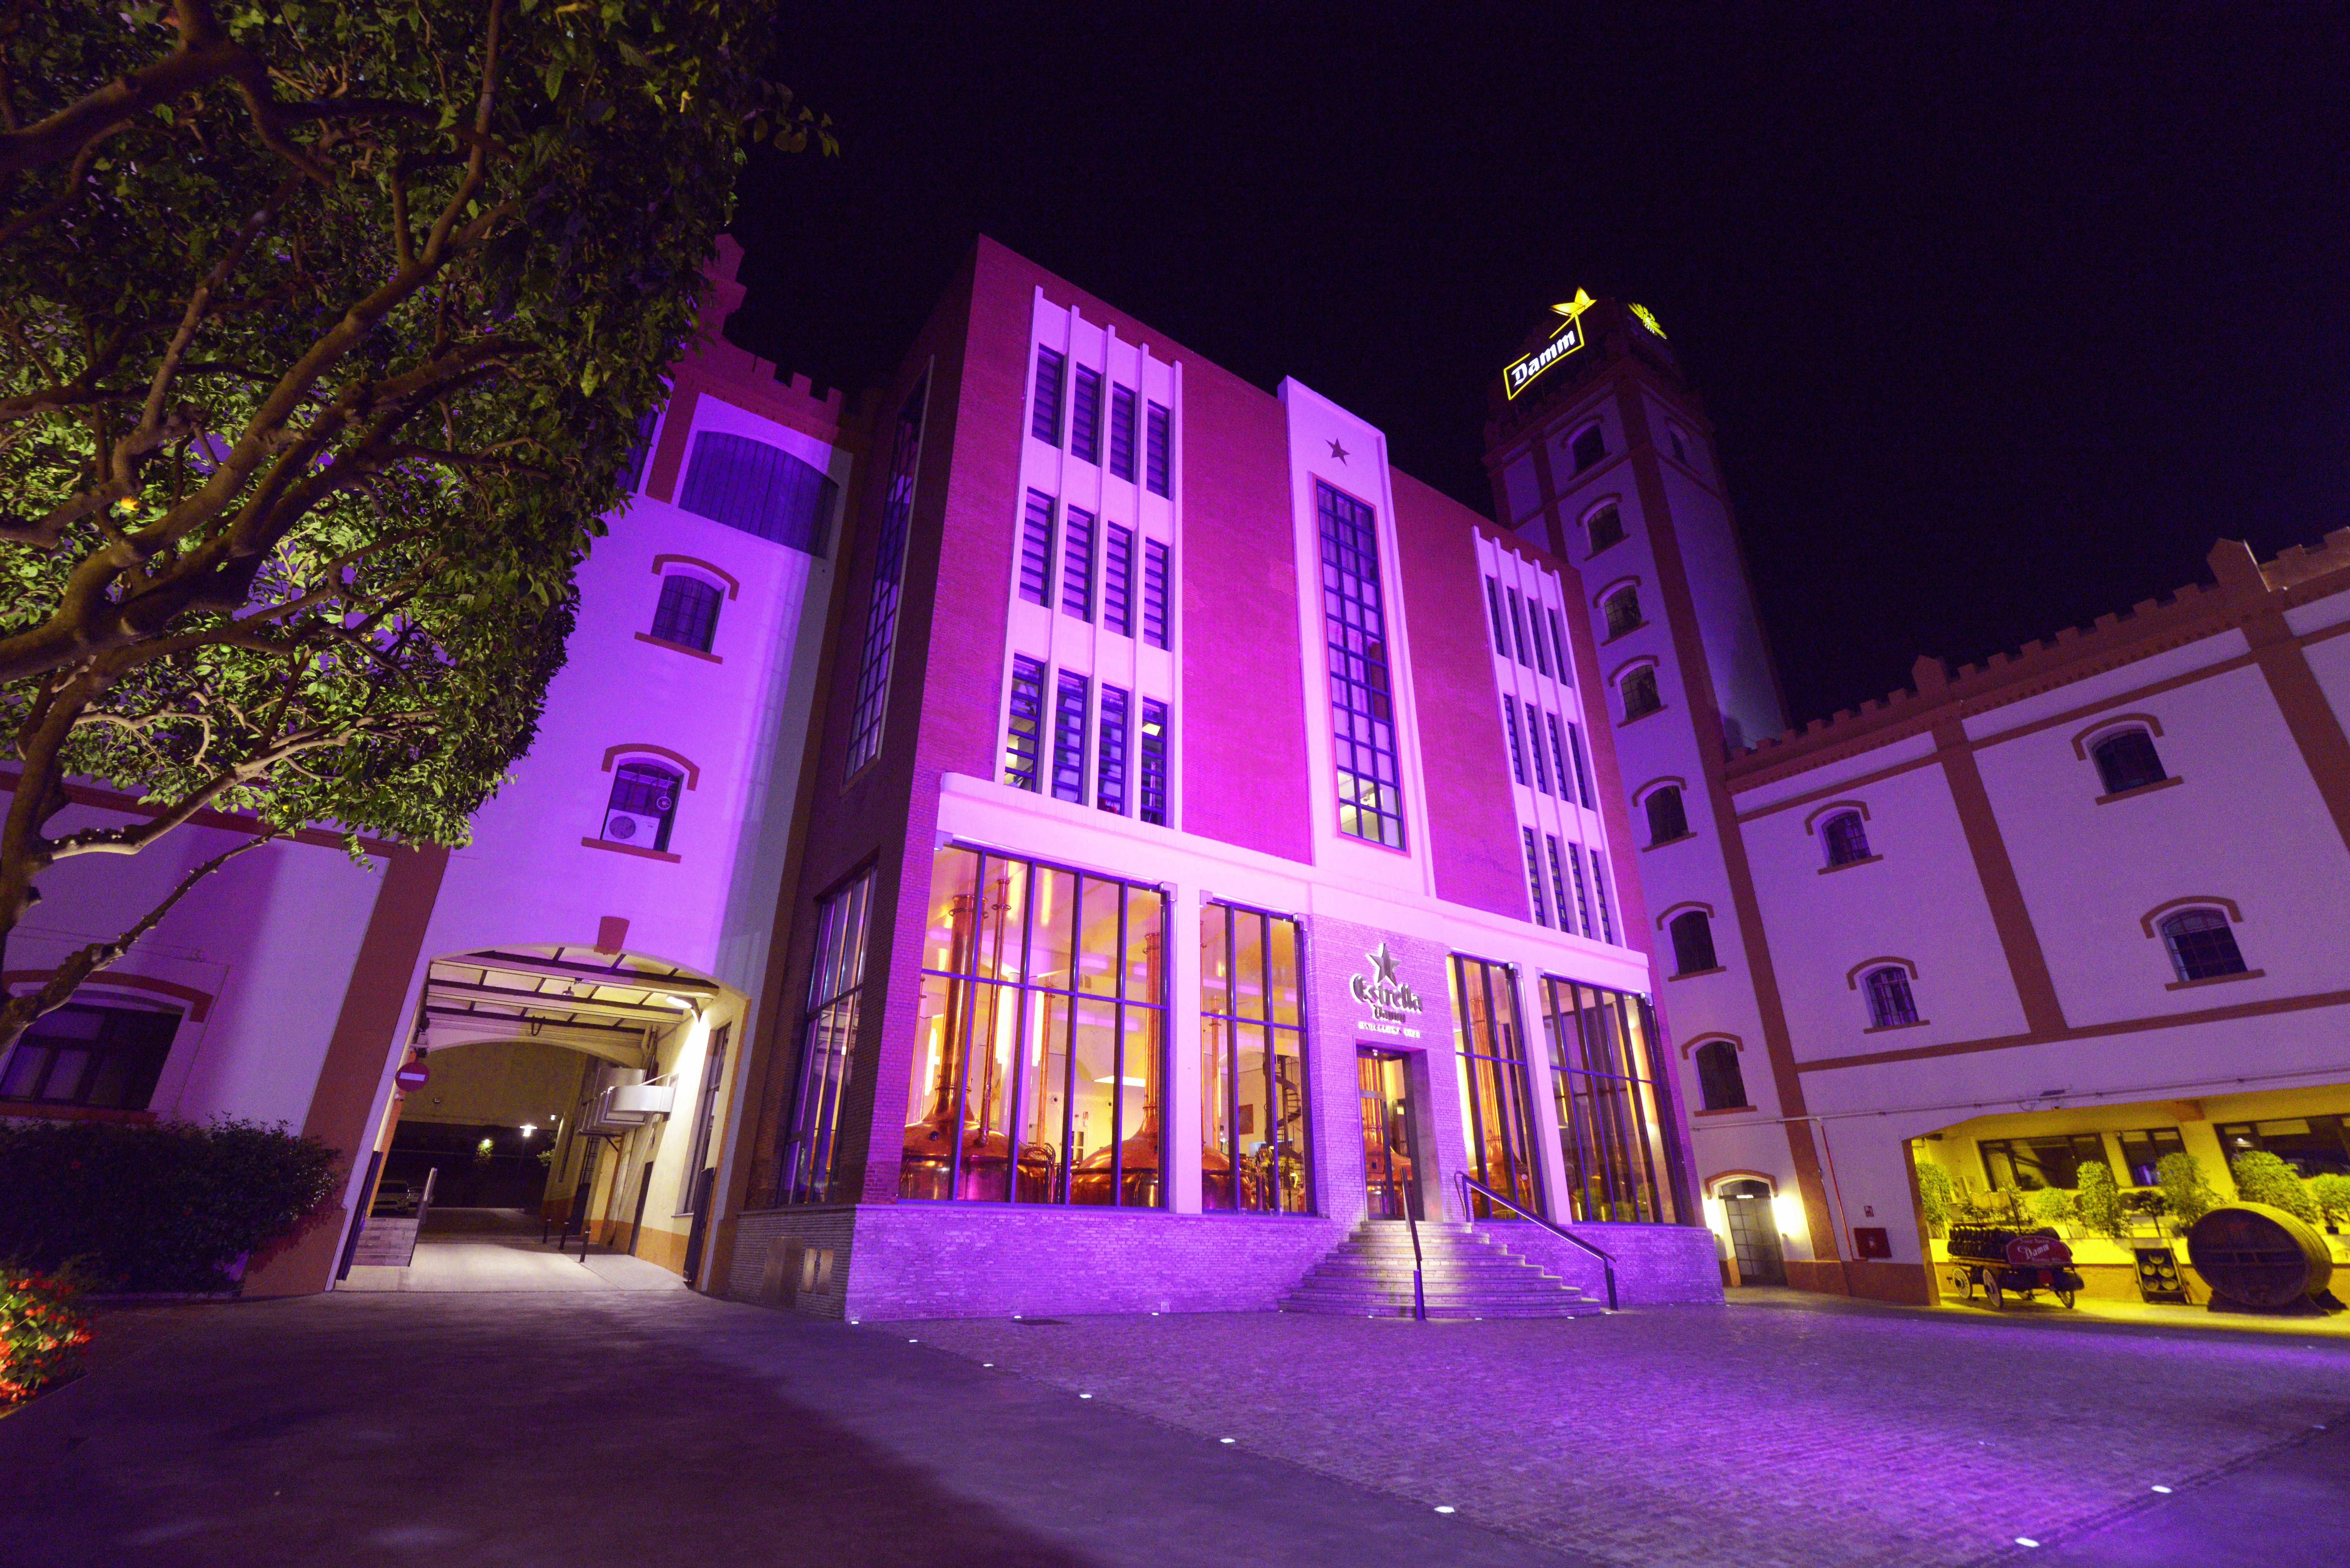 La Asociación Española contra el Cáncer promueve la 'Noche Mágica' durante la cual se iluminan de color rosa edificios emblemáticos de las ciudades